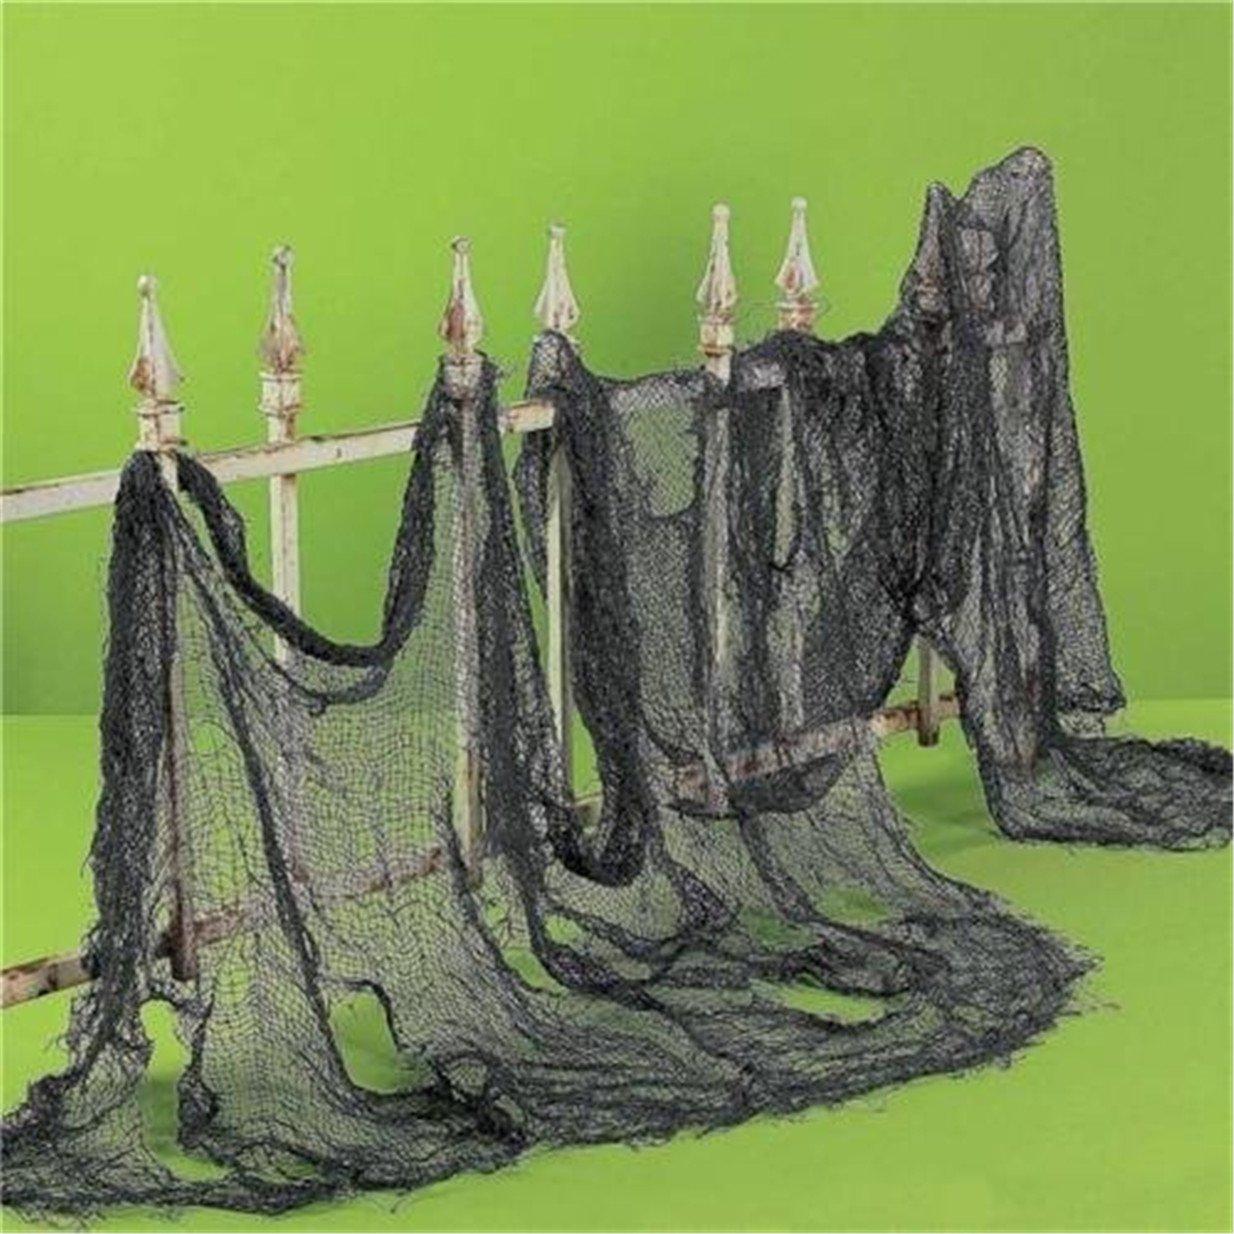 Blanc Lalang Toile daraign/ée D/écorations de Halloween D/écorations Web daraign/ée Halloween Suspendues /à Fen/être de Porte